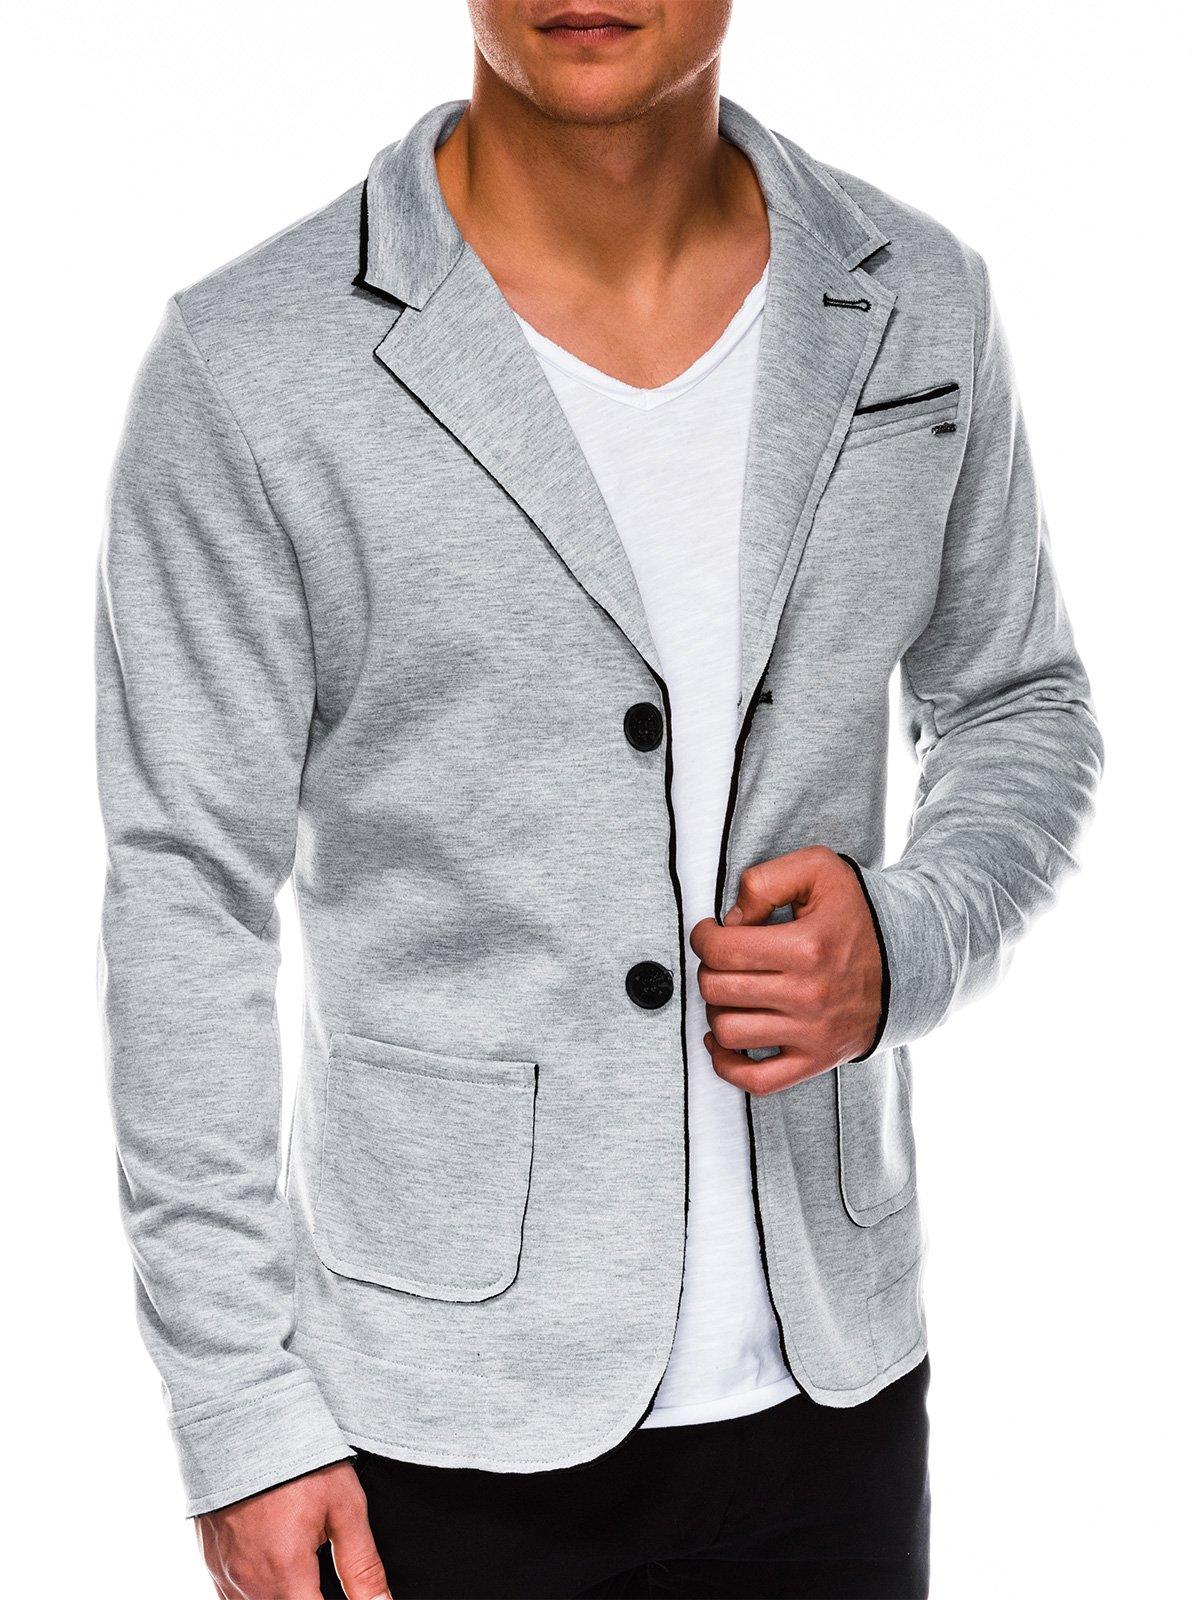 Купить со скидкой Піджак чоловічий кежуал M90 - сірий